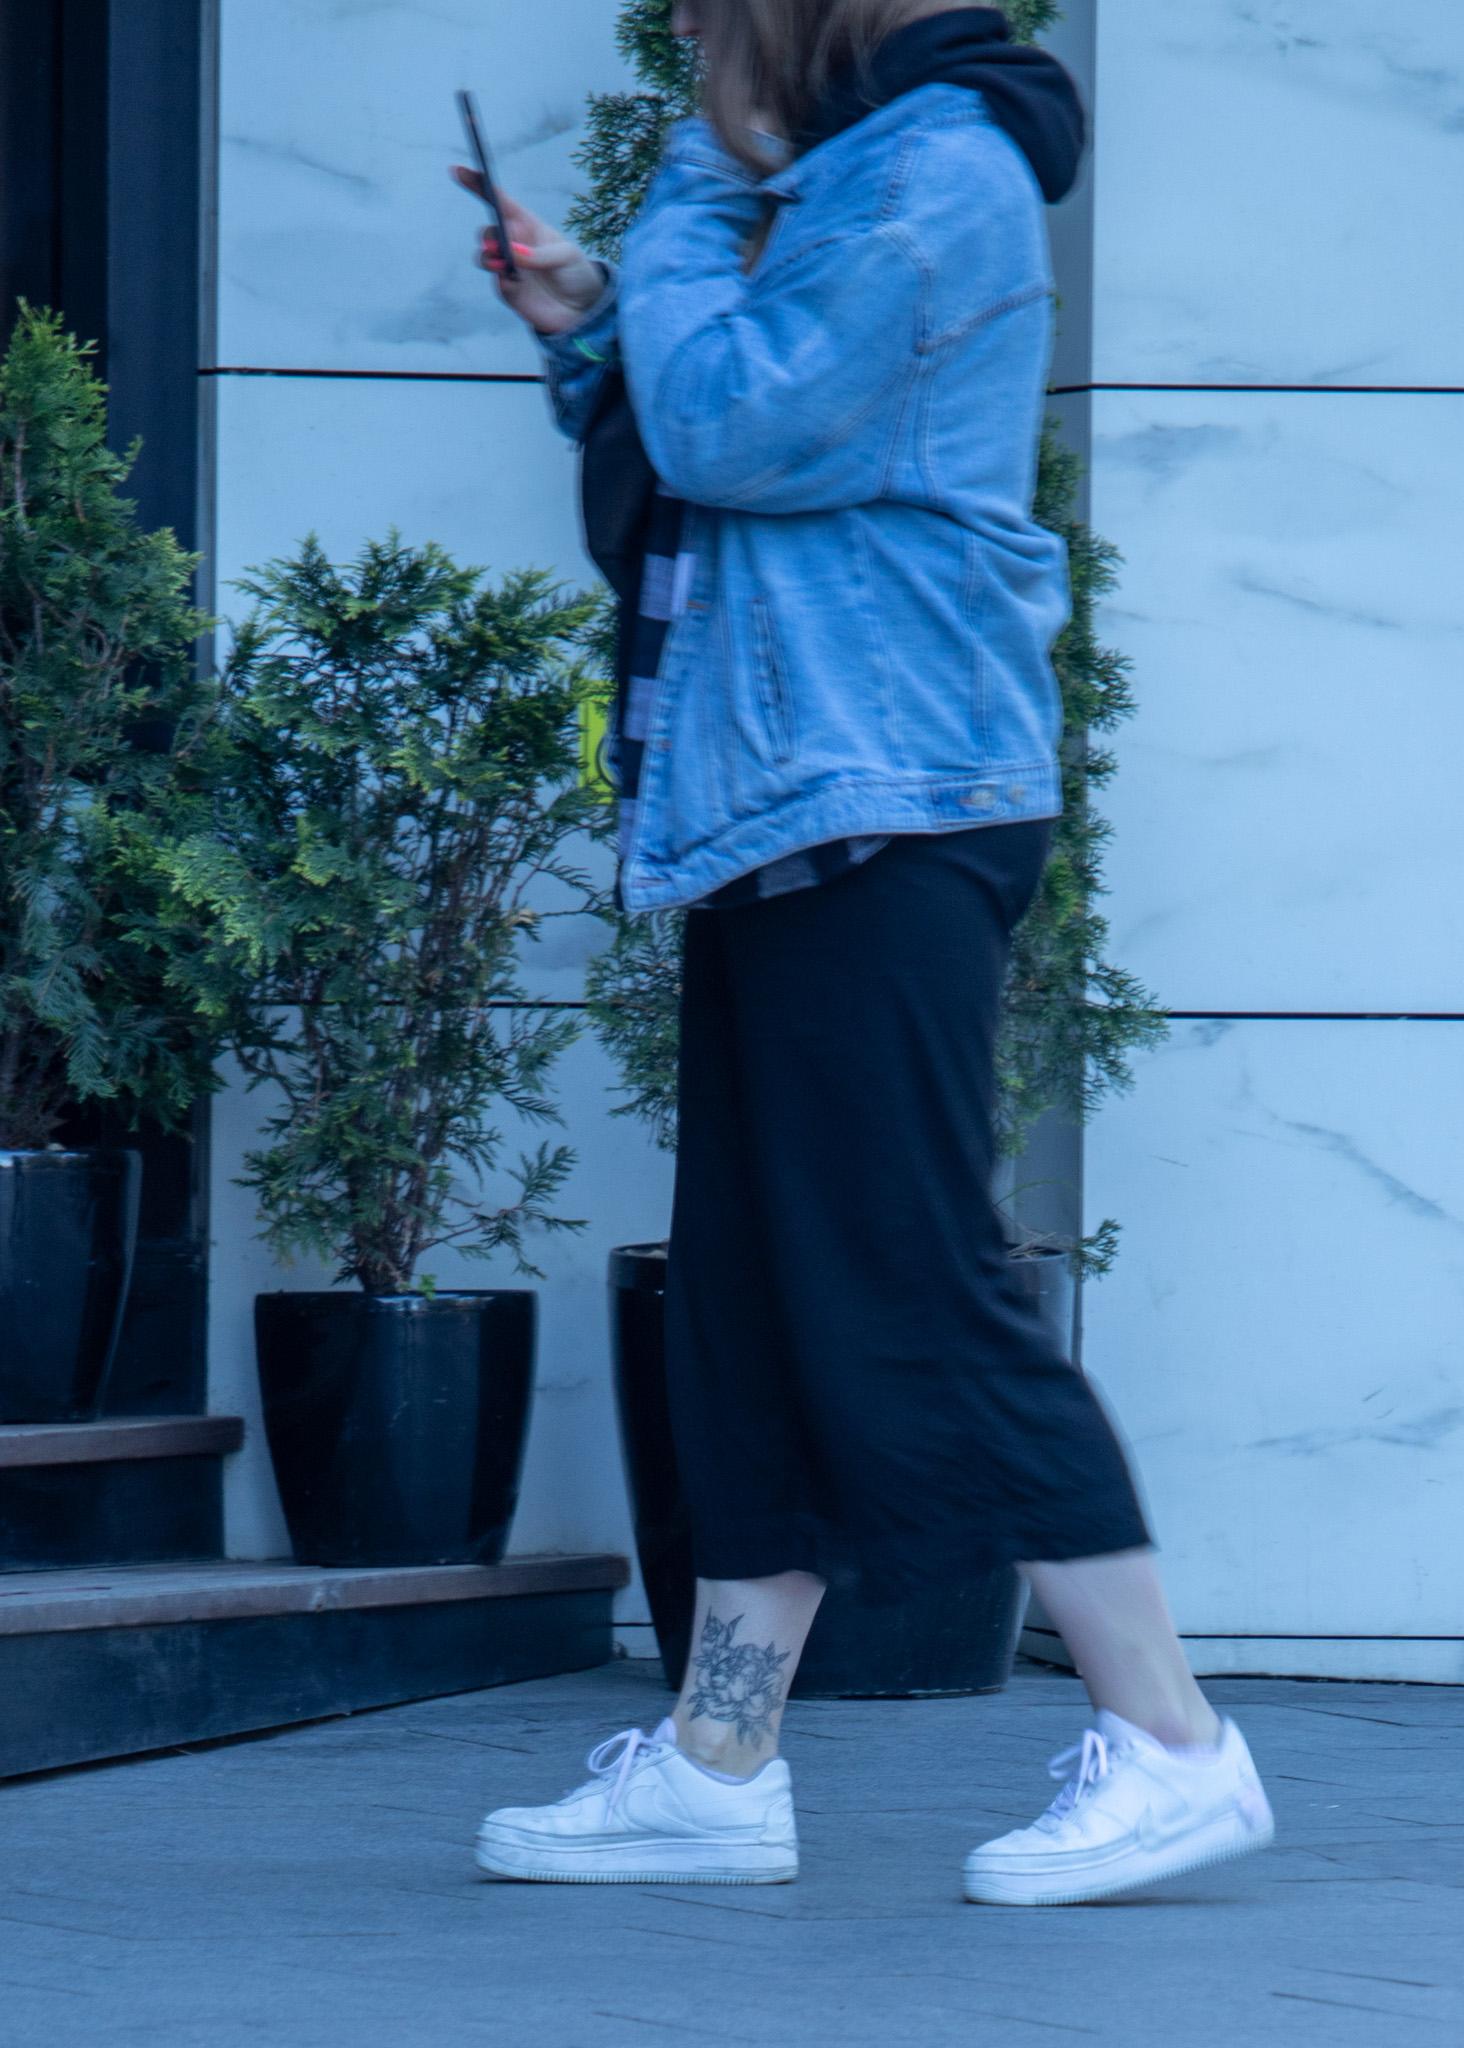 Фото татуировки с хризантемой контуром в нижней части ноги девушки – Уличная татуировка (Street tattoo) 05052020 – tatufoto.com 3